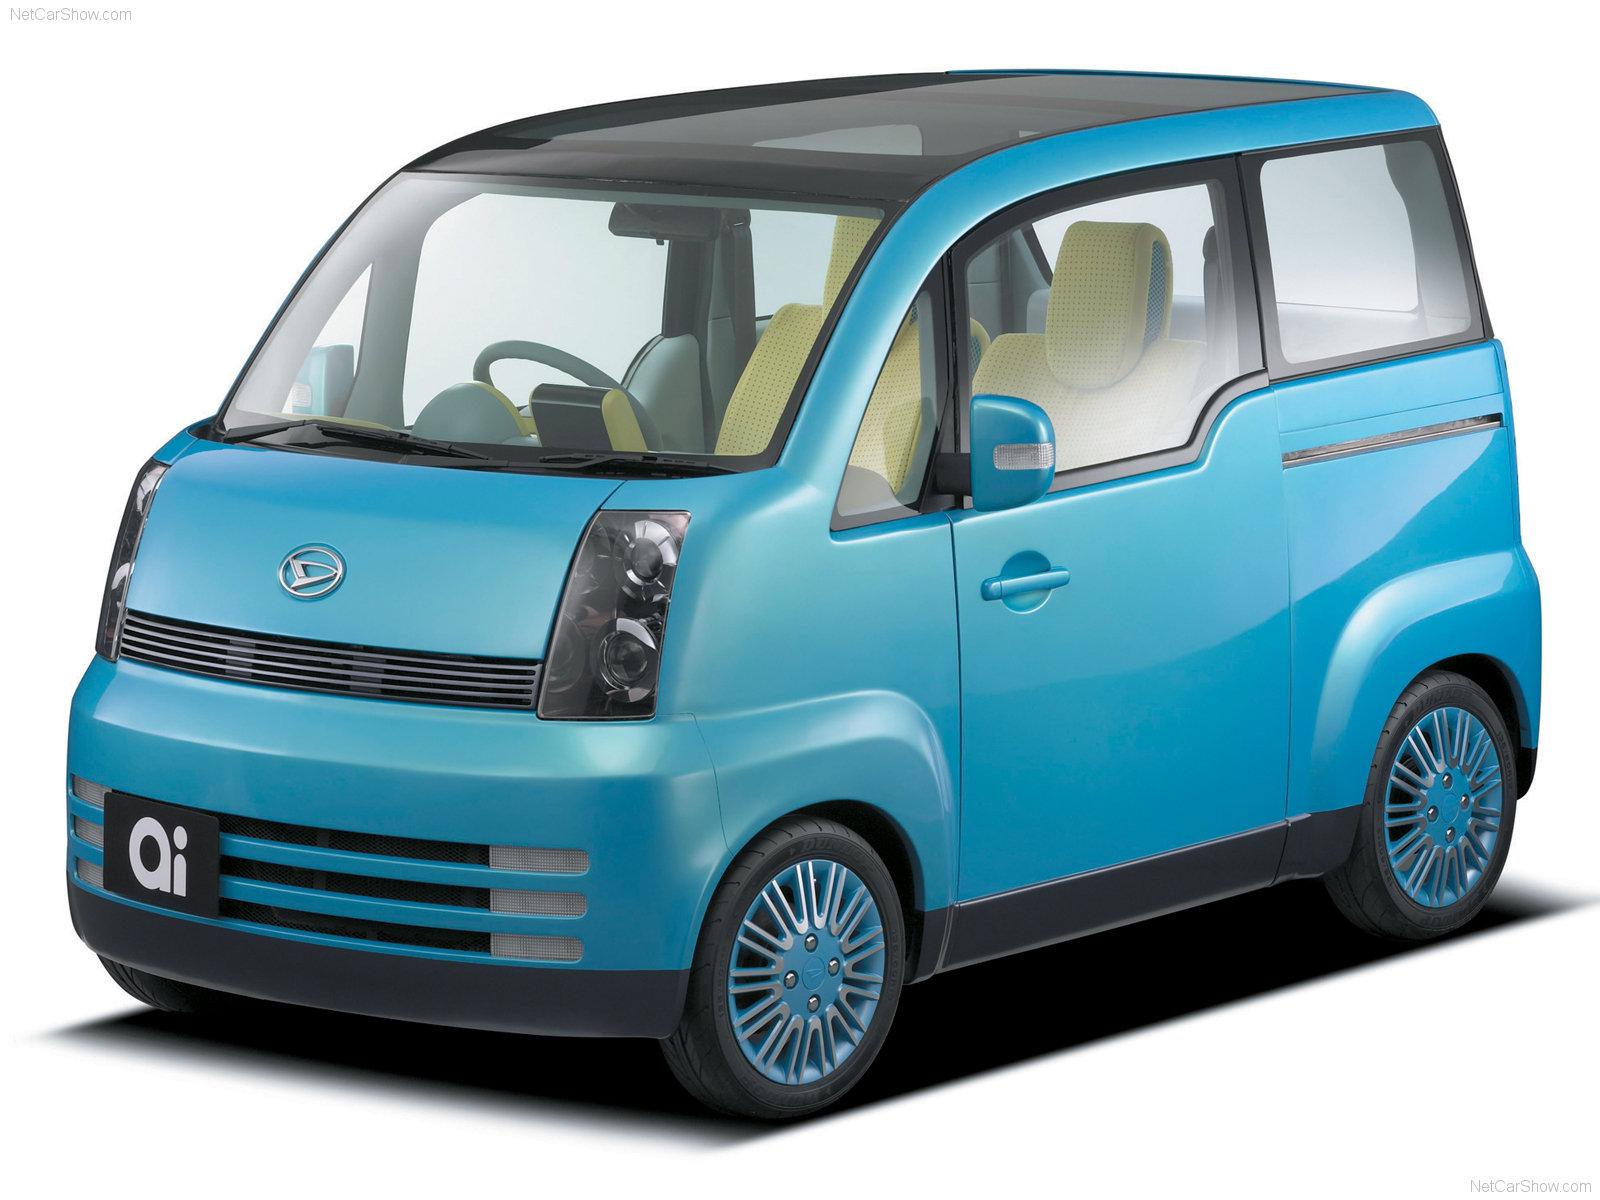 Hình ảnh xe ô tô Daihatsu ai Concept 2003 & nội ngoại thất